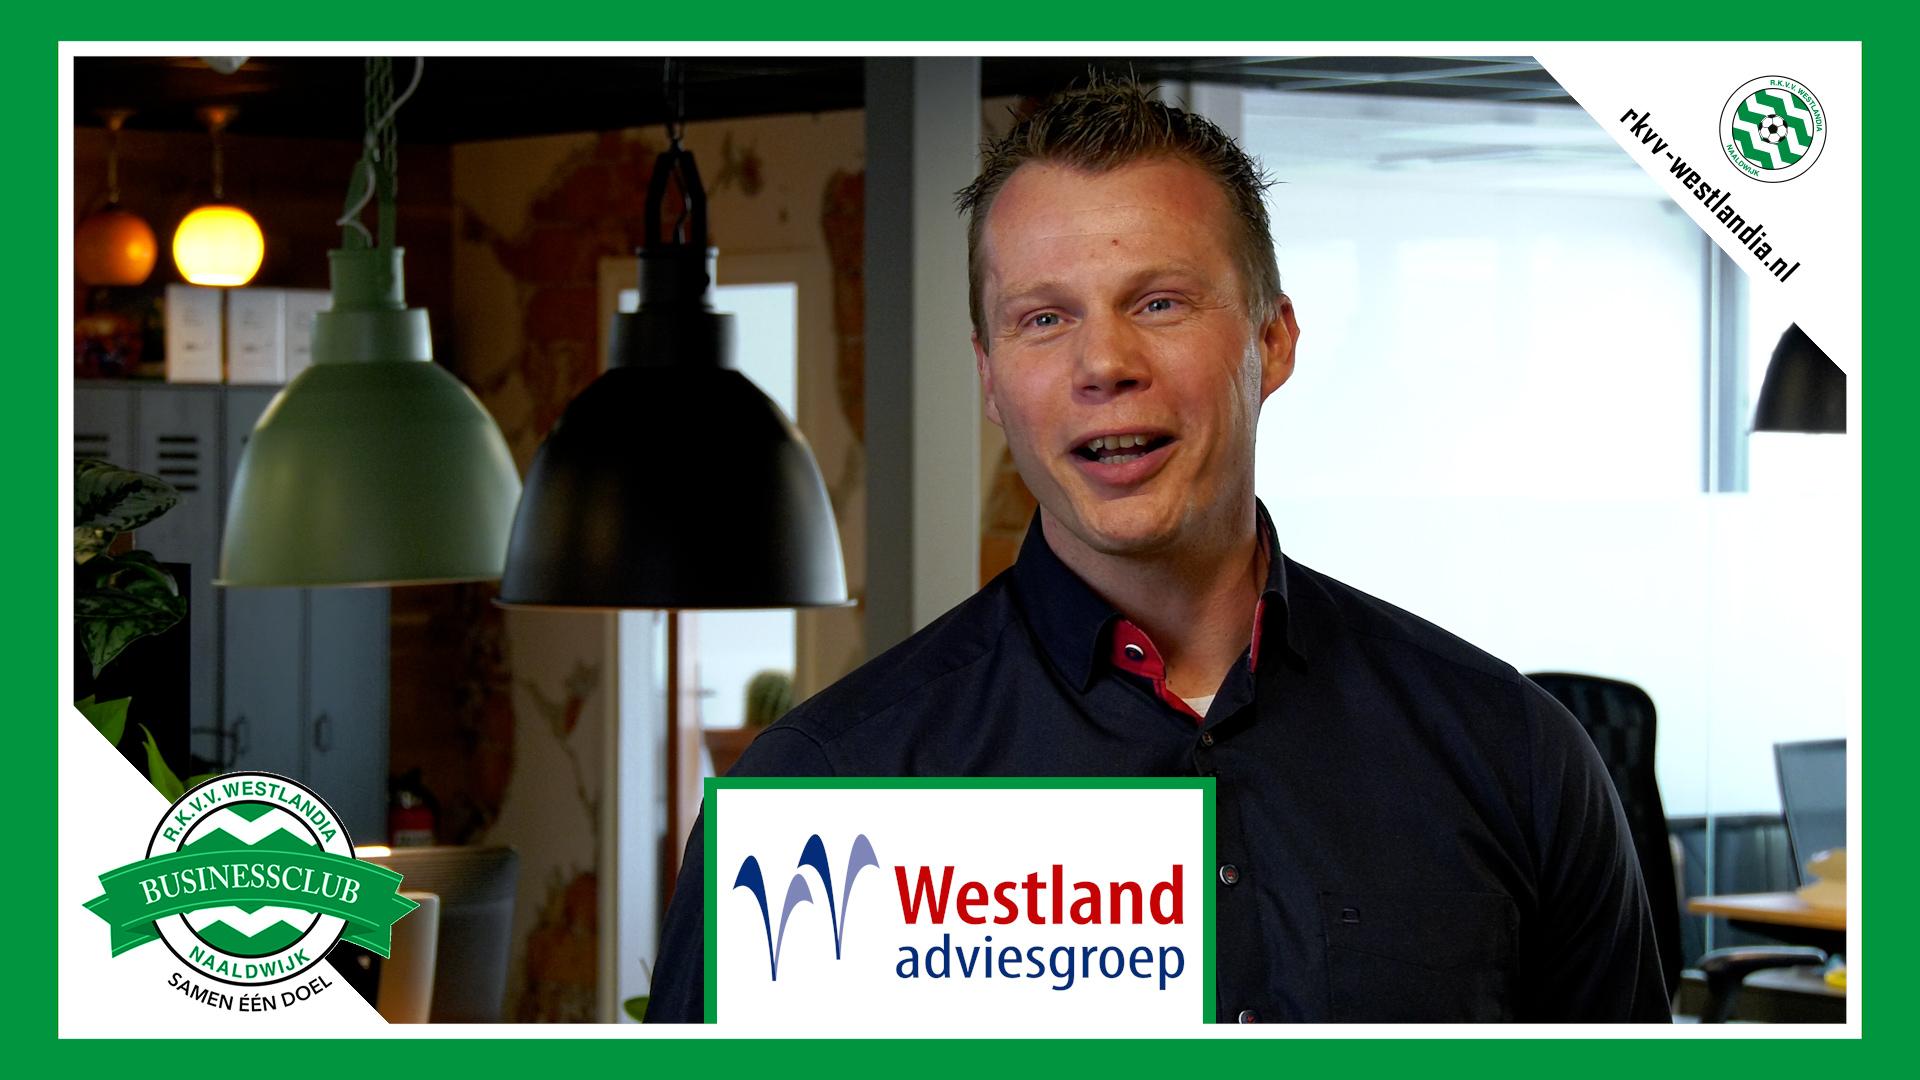 Westland Adviesgroep X Westlandia - 'Hand in hand naar de toekomst'